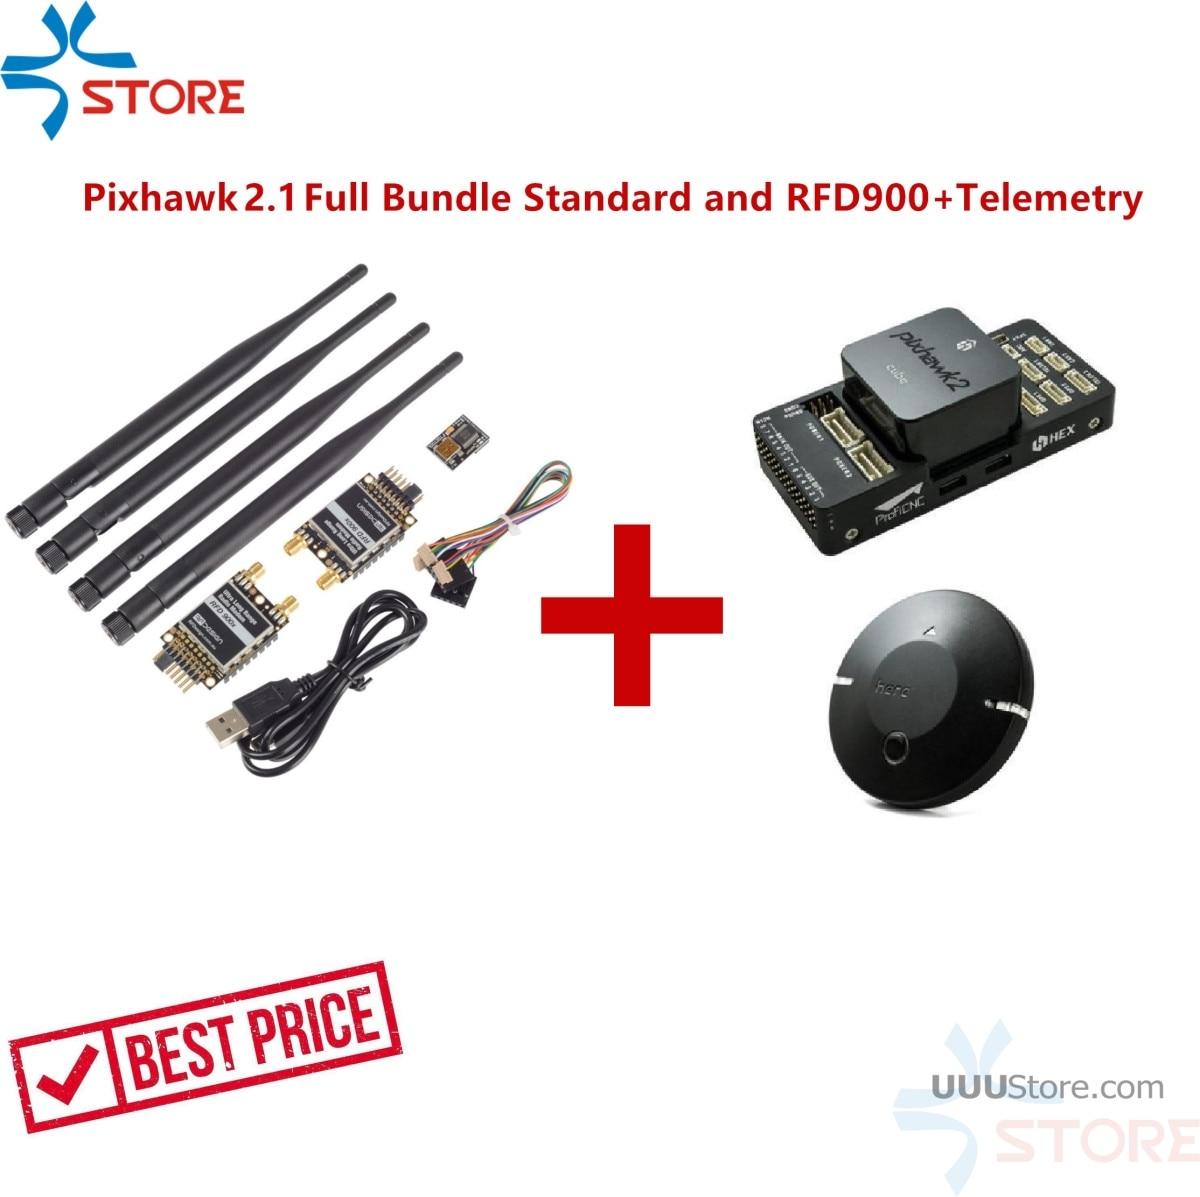 Technologie hexagonale Pixhawk 2.1 ensemble complet carte de support Standard RFD900 + combinaison télémétrique pour drone RC FPV